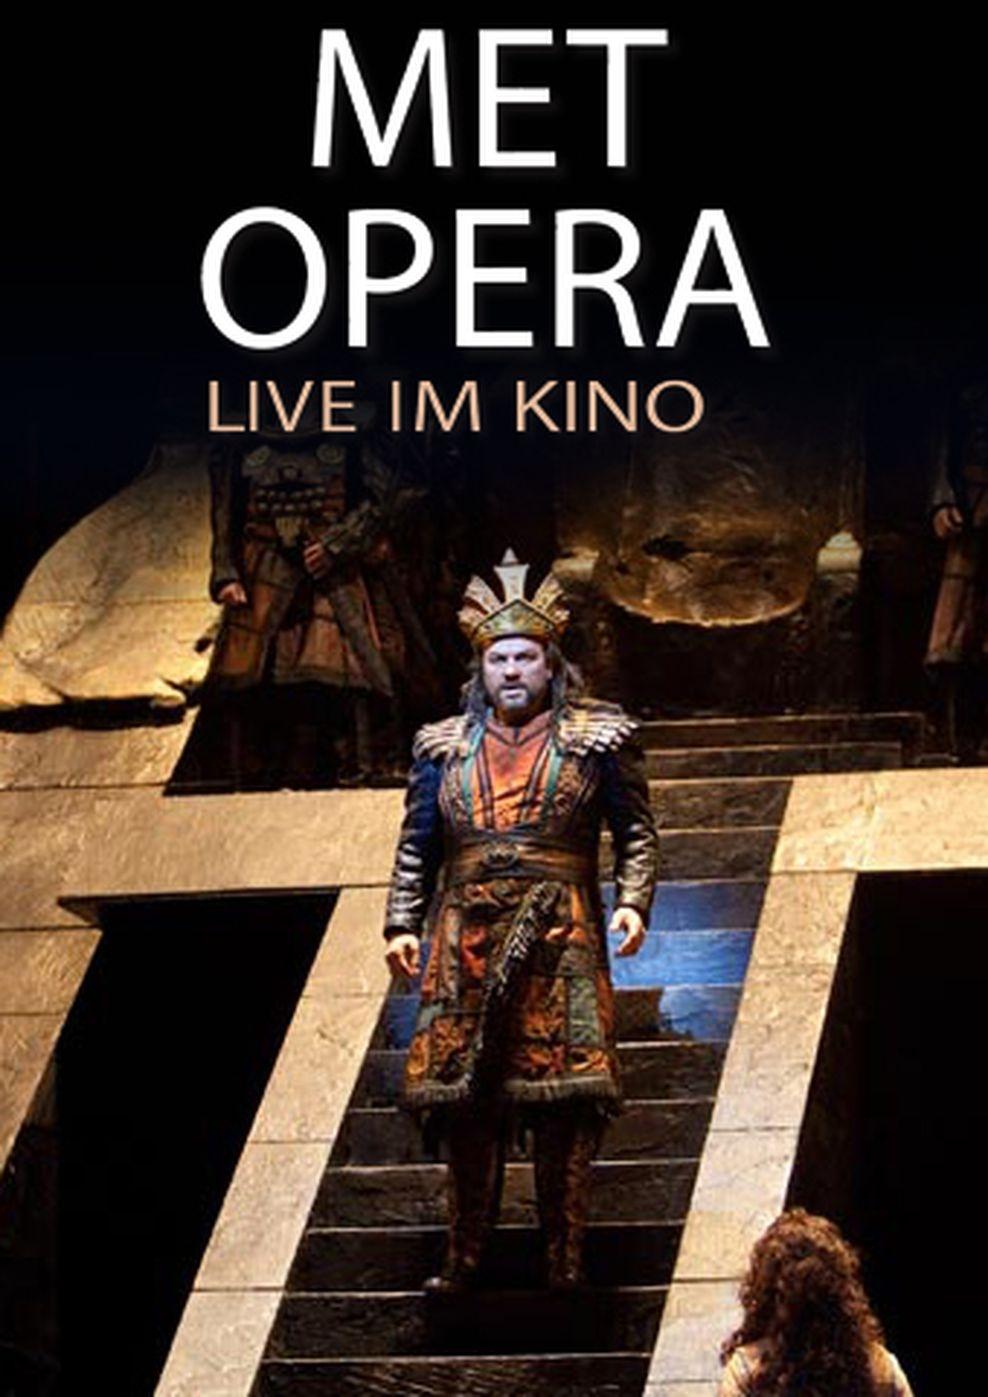 Met Opera 2016/17: Nabucco (Verdi) (Poster)